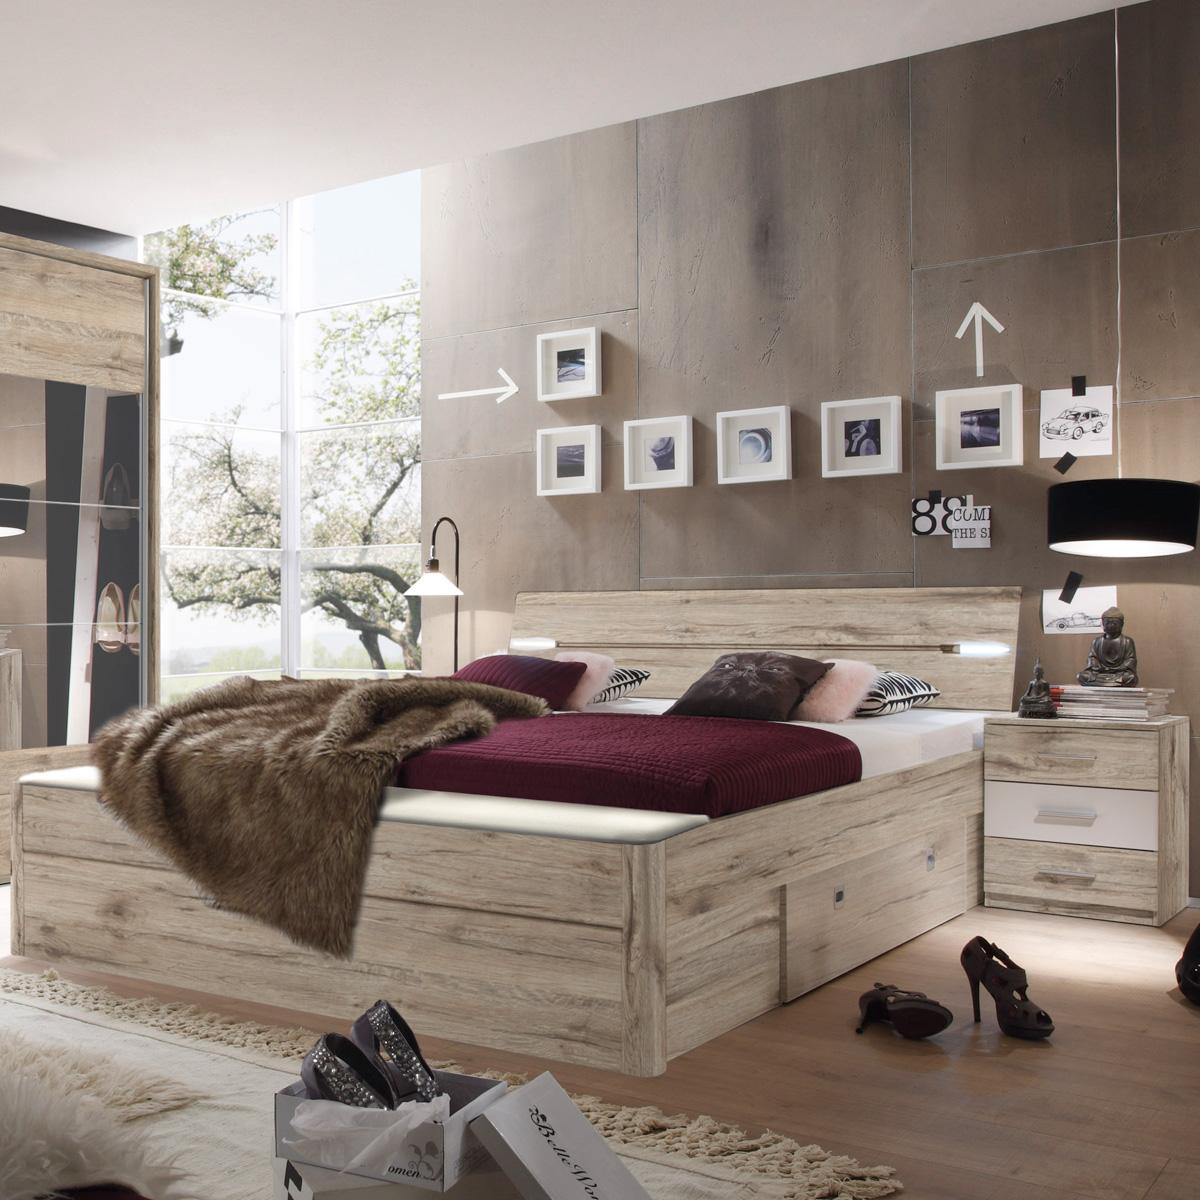 bettanlage mars xl bett nachtkommode sandeiche wei inkl led und bettkasten eur 329 95. Black Bedroom Furniture Sets. Home Design Ideas